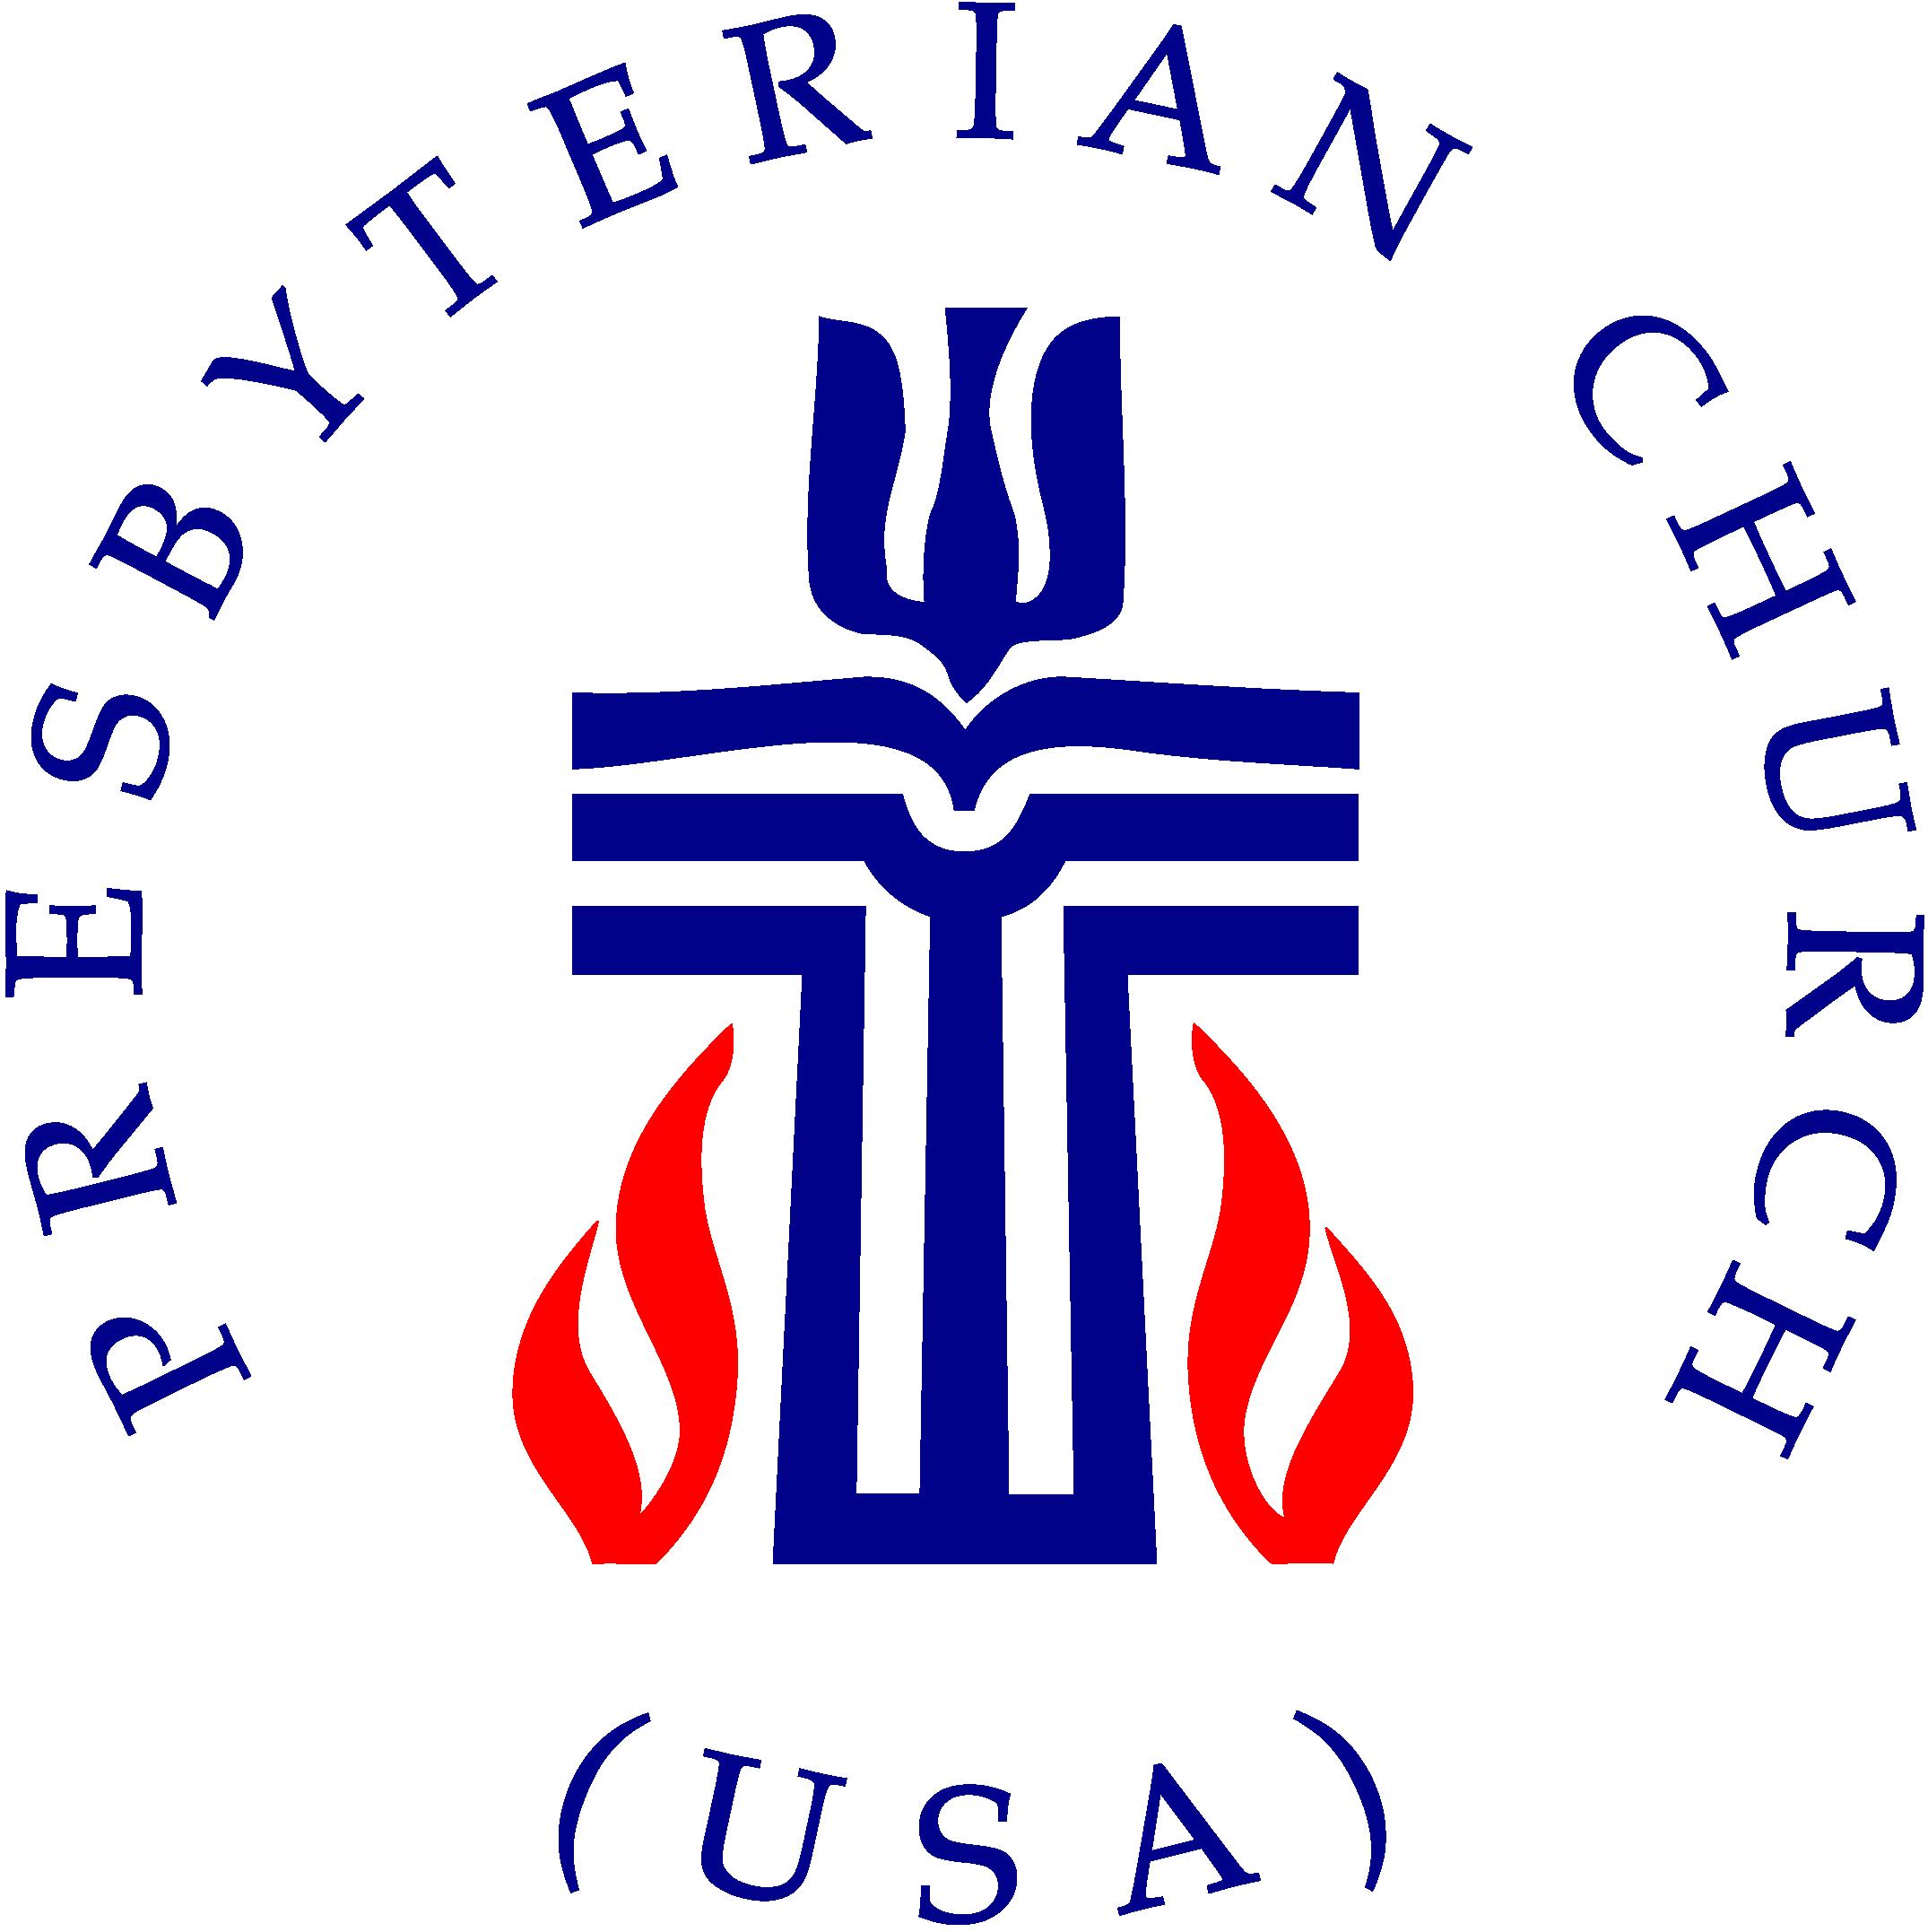 20140524194814!Presbyterian_Church_(U.S.A.).png